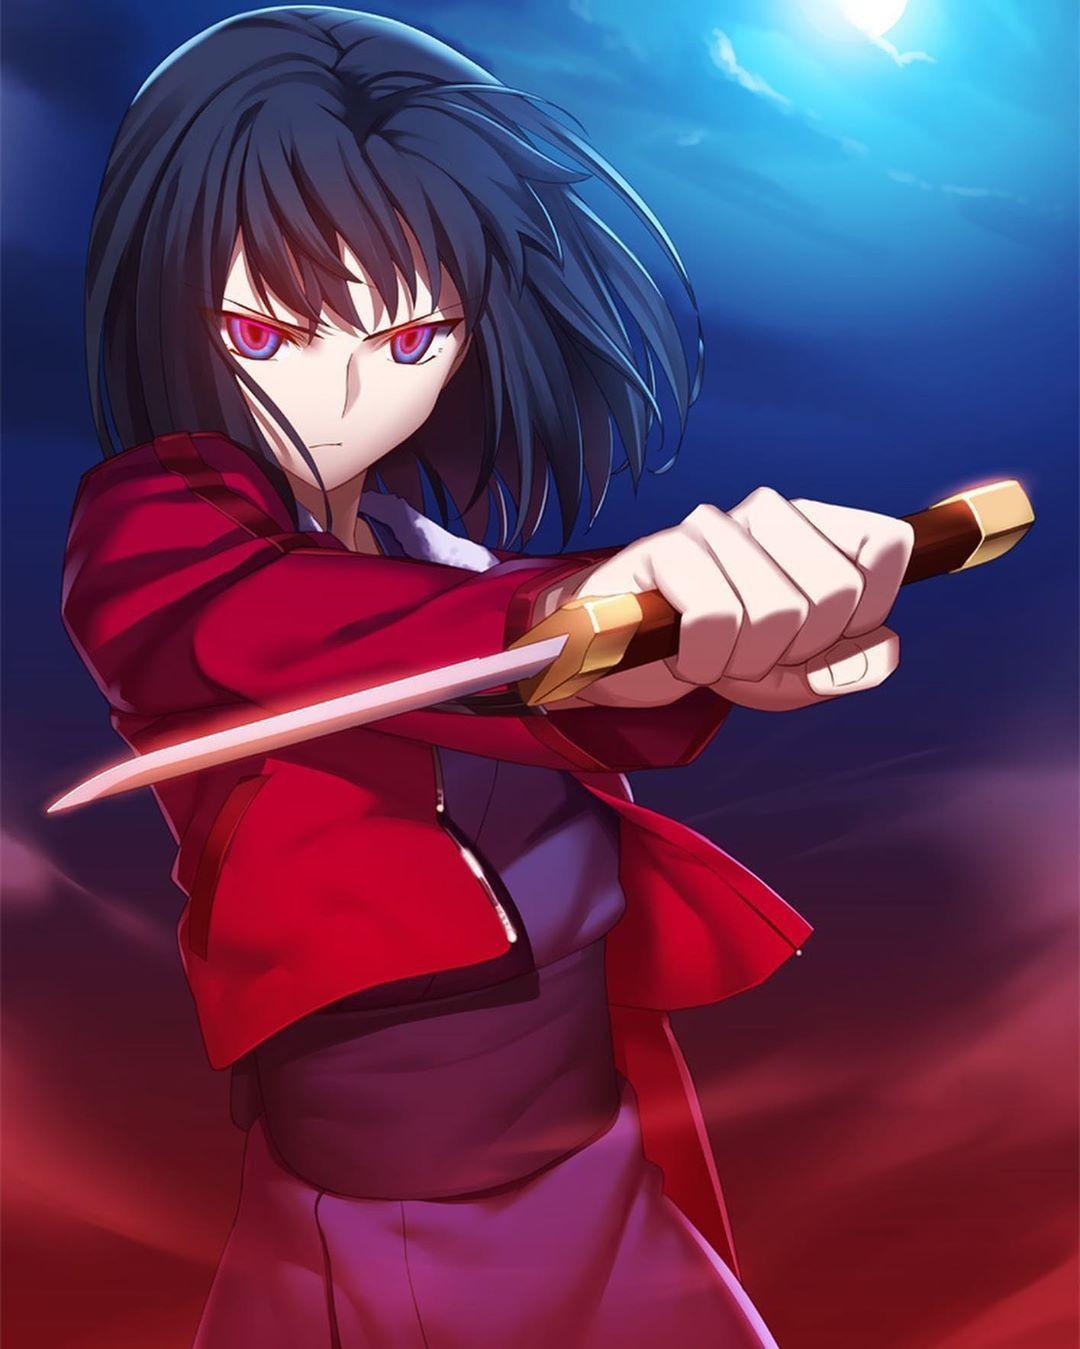 Pin de Geor ฅ'ω'ฅ en Kara no Kyoukai Personajes de anime